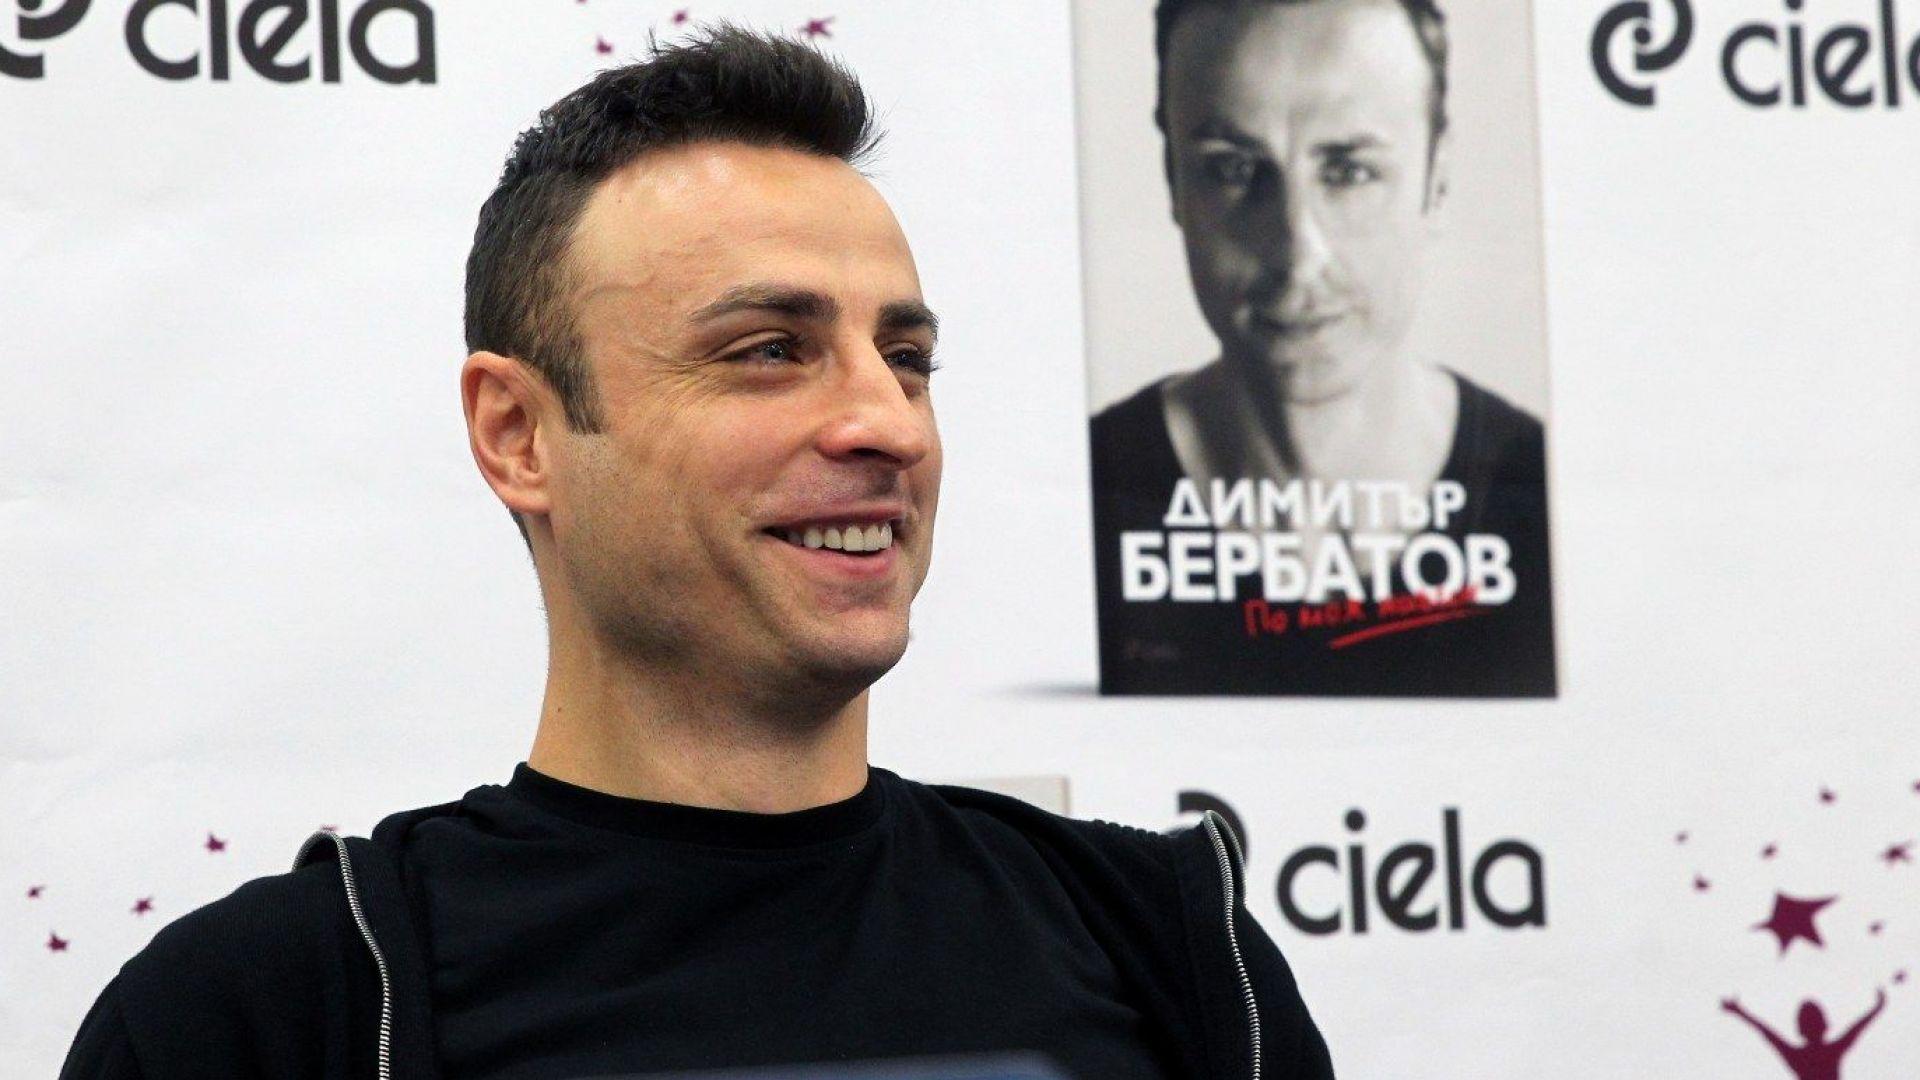 """Бербатов тръгва на национално турне по """"неговия начин"""""""